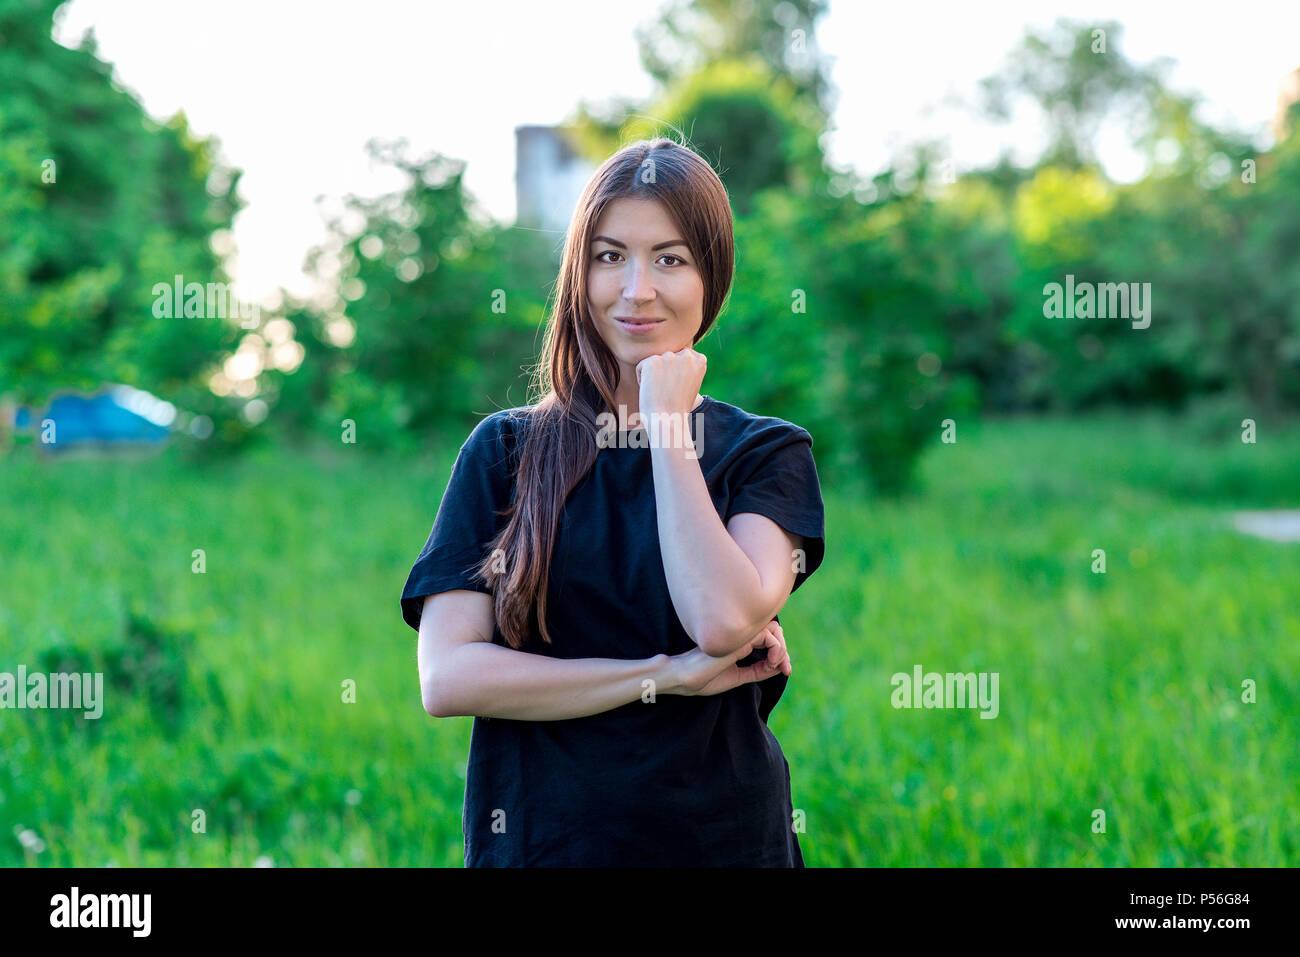 In estate nel parco all aria fresca Lieti sorrisi. Tiene per mano con la sua  mano. Capelli lunghi. In una black T-shirt abiti di tutti i giorni tra i ... 50d08516e41